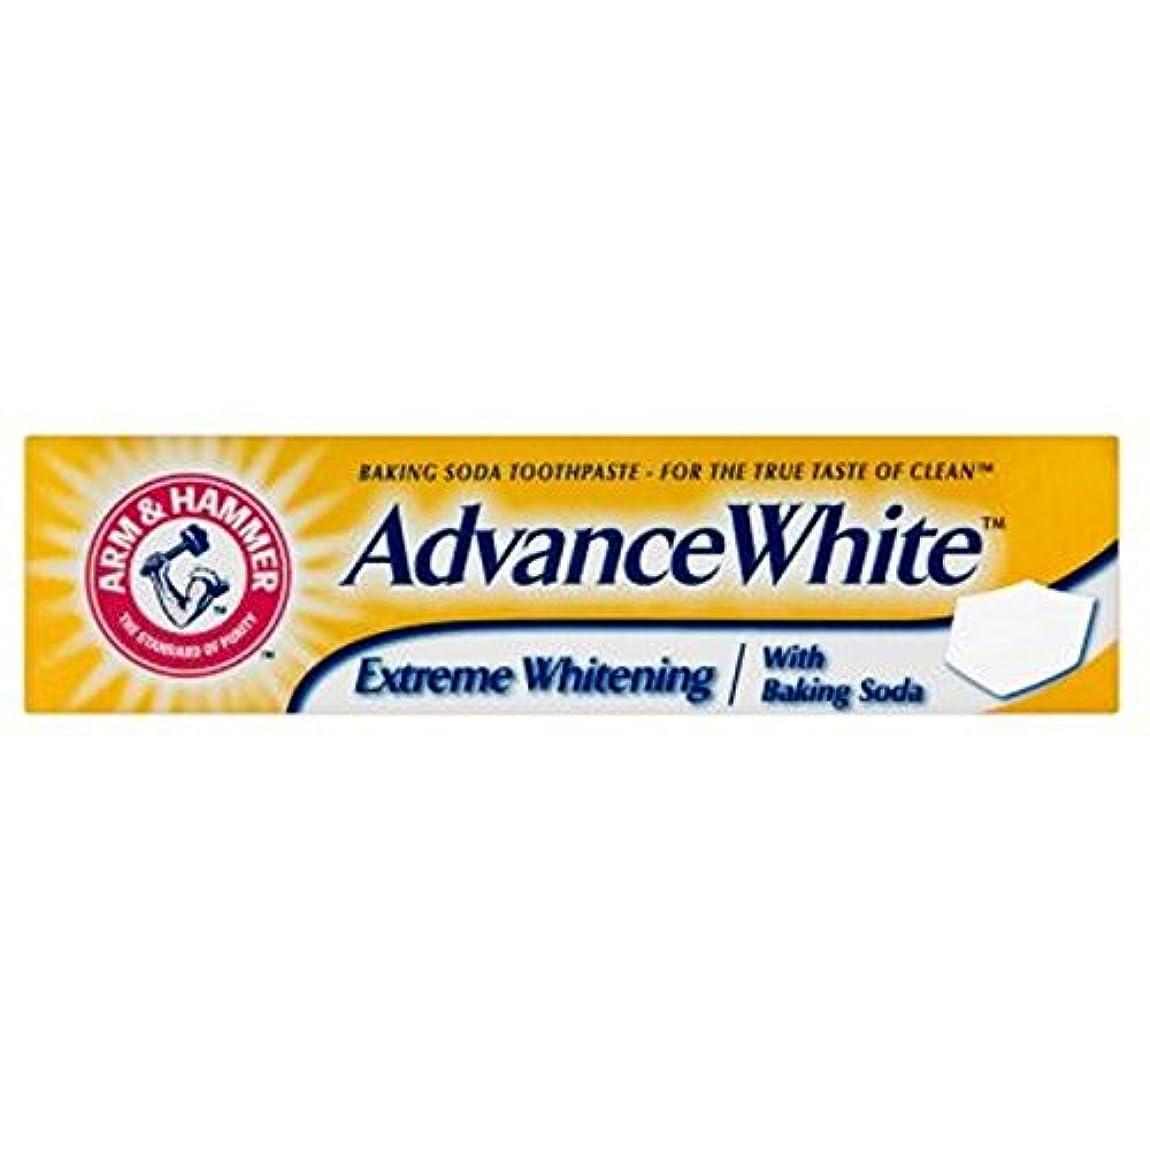 剥ぎ取る劇場コウモリ重曹歯磨き粉75ミリリットルをホワイトニングアーム&ハンマー事前白極端 (Arm & Hammer) (x2) - Arm & Hammer Advance White Extreme Whitening Baking...